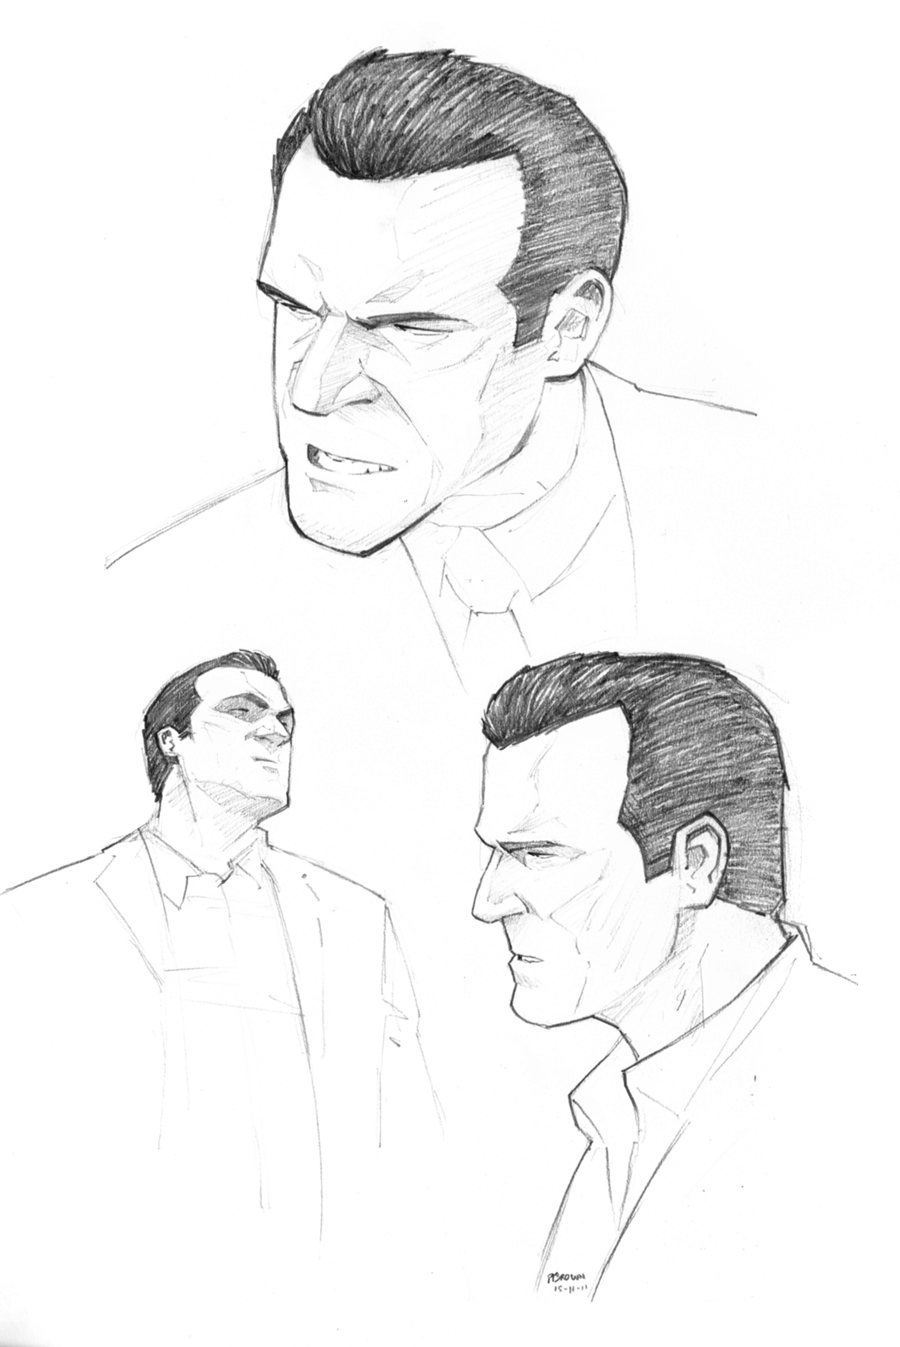 Grand Theft Auto V sketch by PatrickBrown